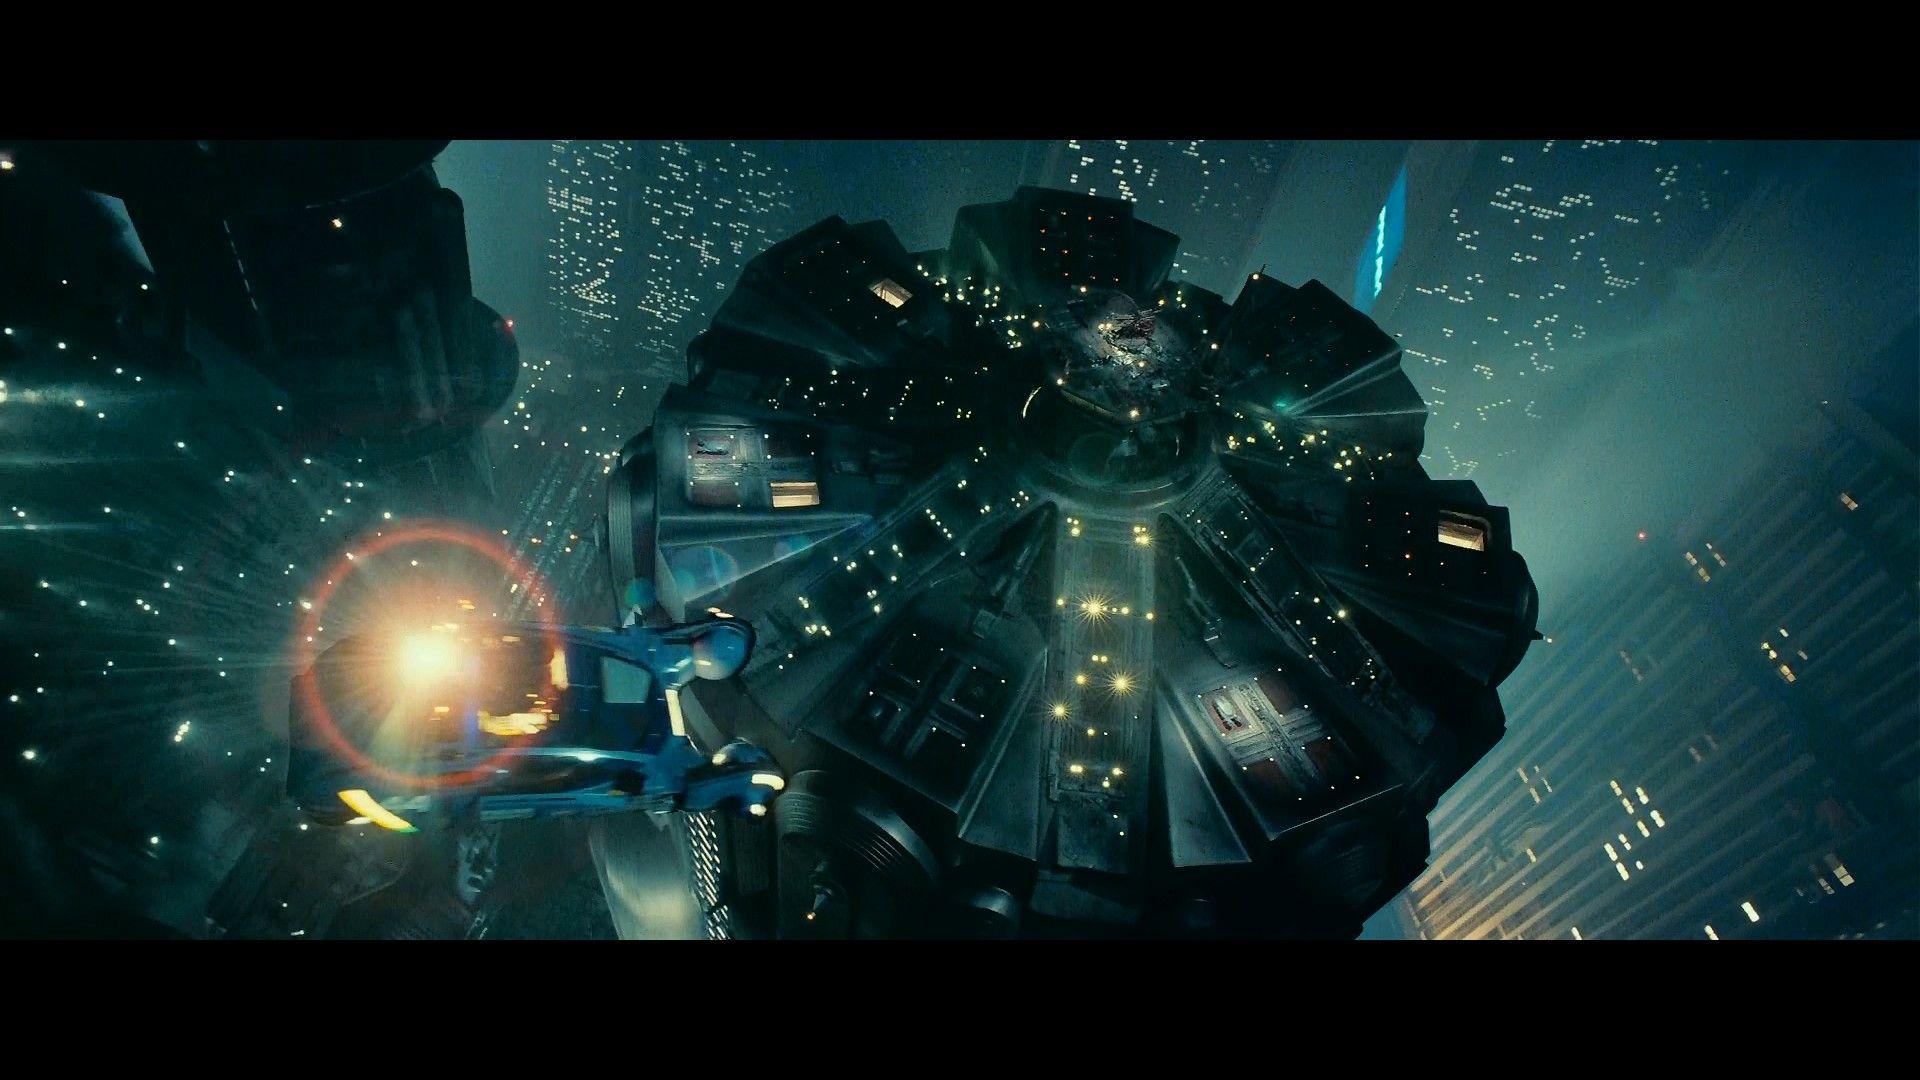 blade_runner_movie_stills_spinner_glide_path_1920x1080